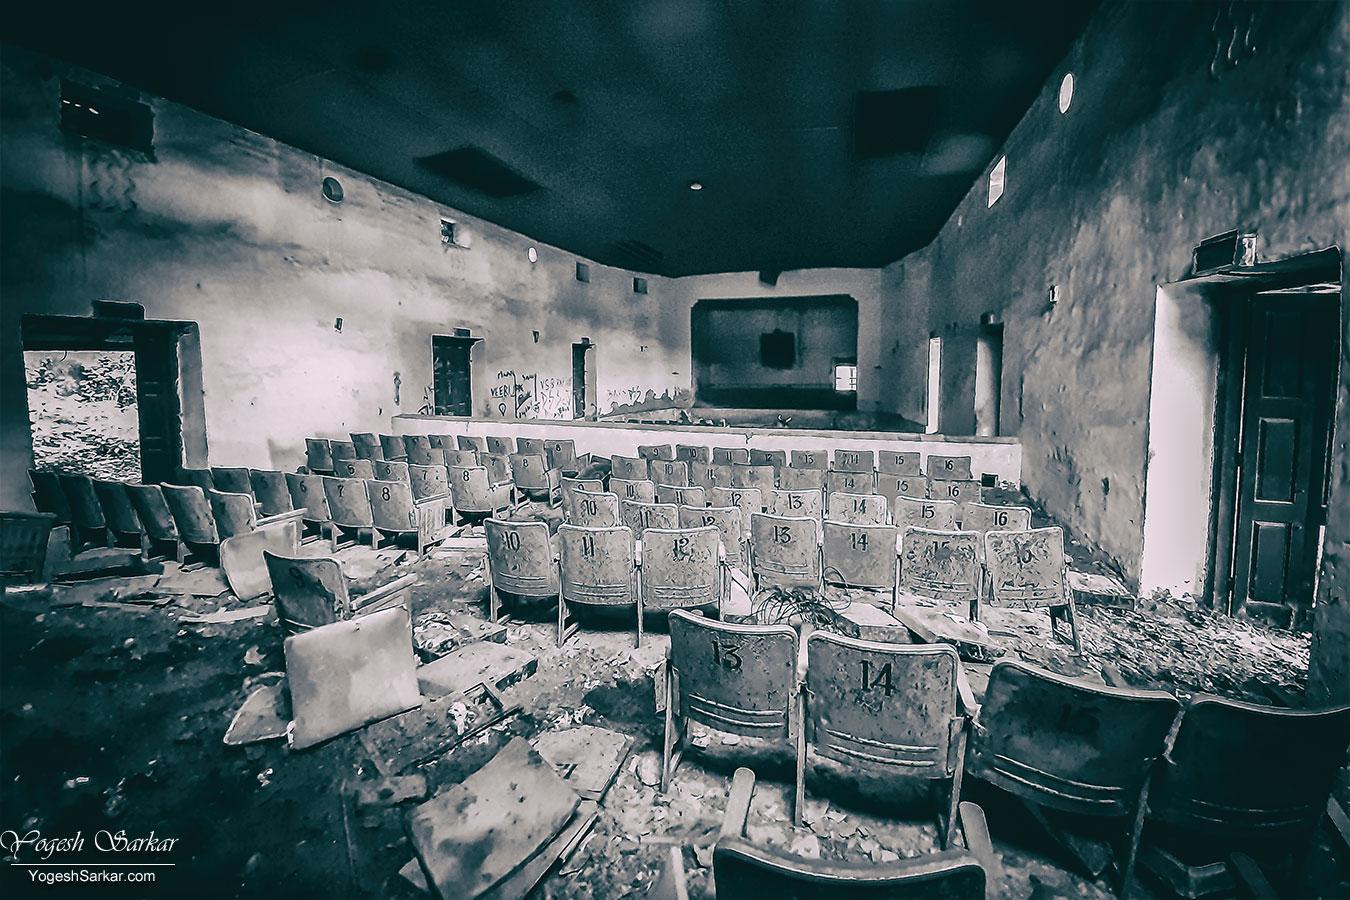 61-globe-theater-ranikhet.jpg